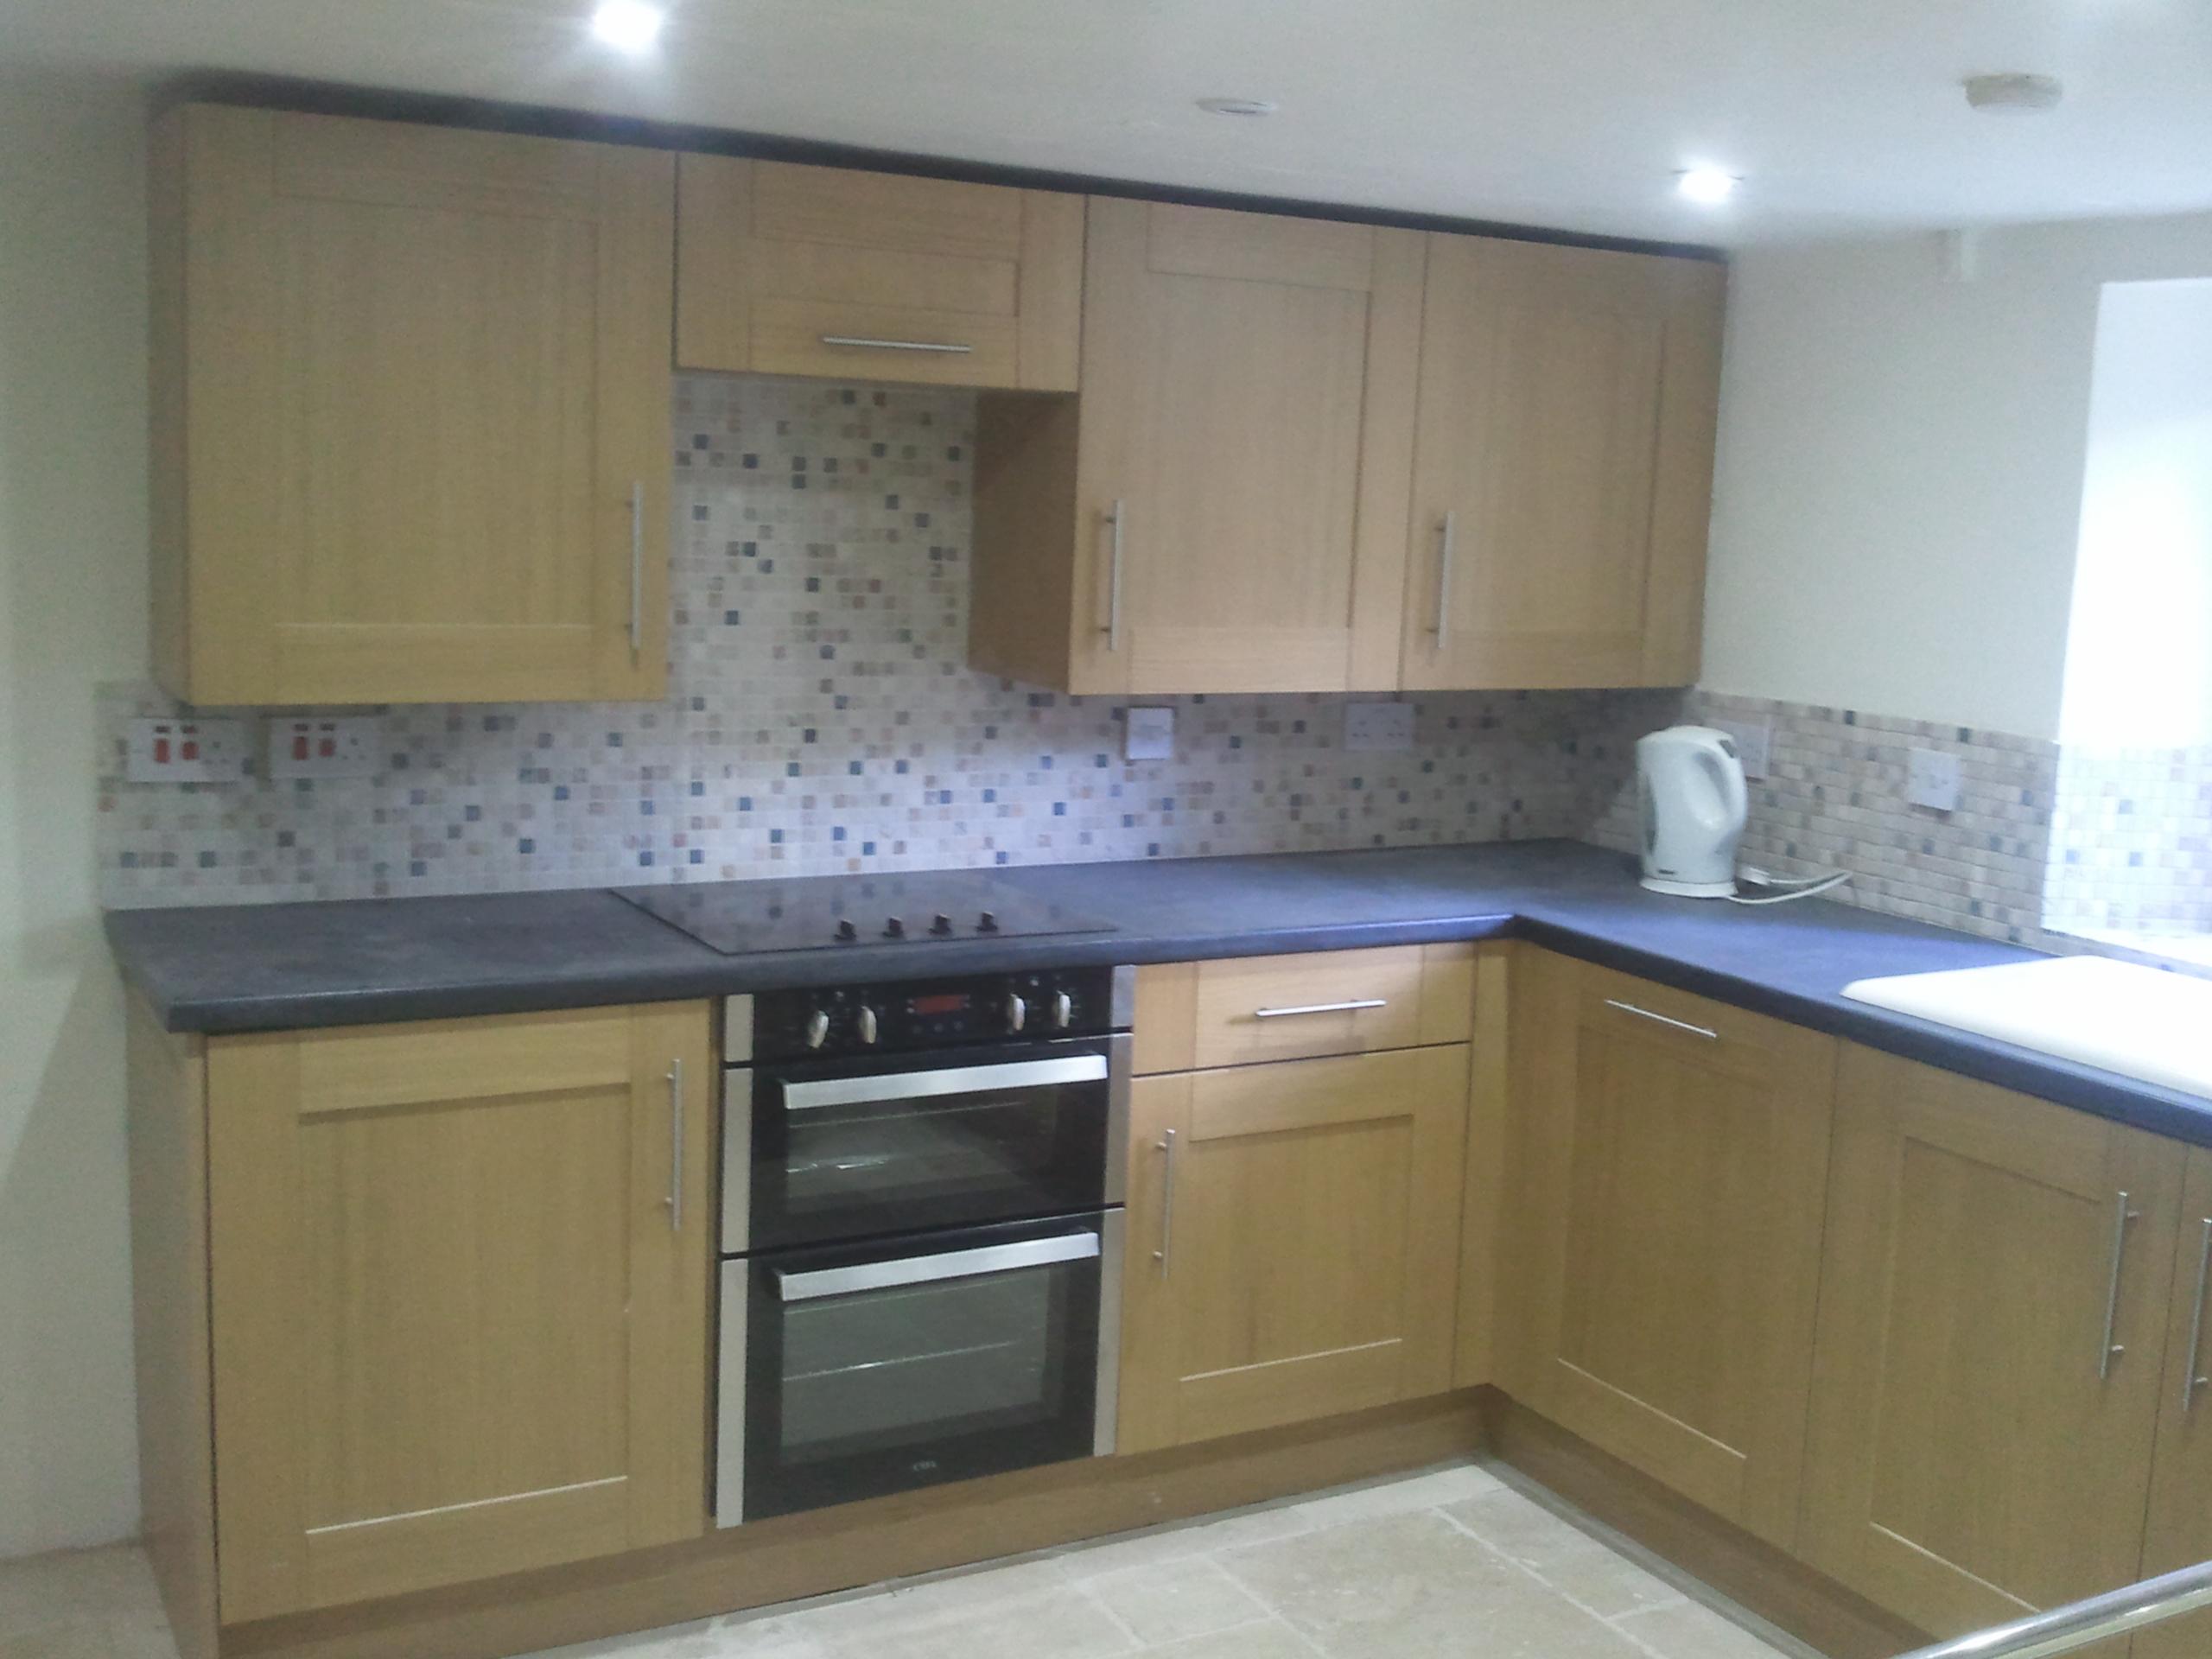 Westbury kitchen